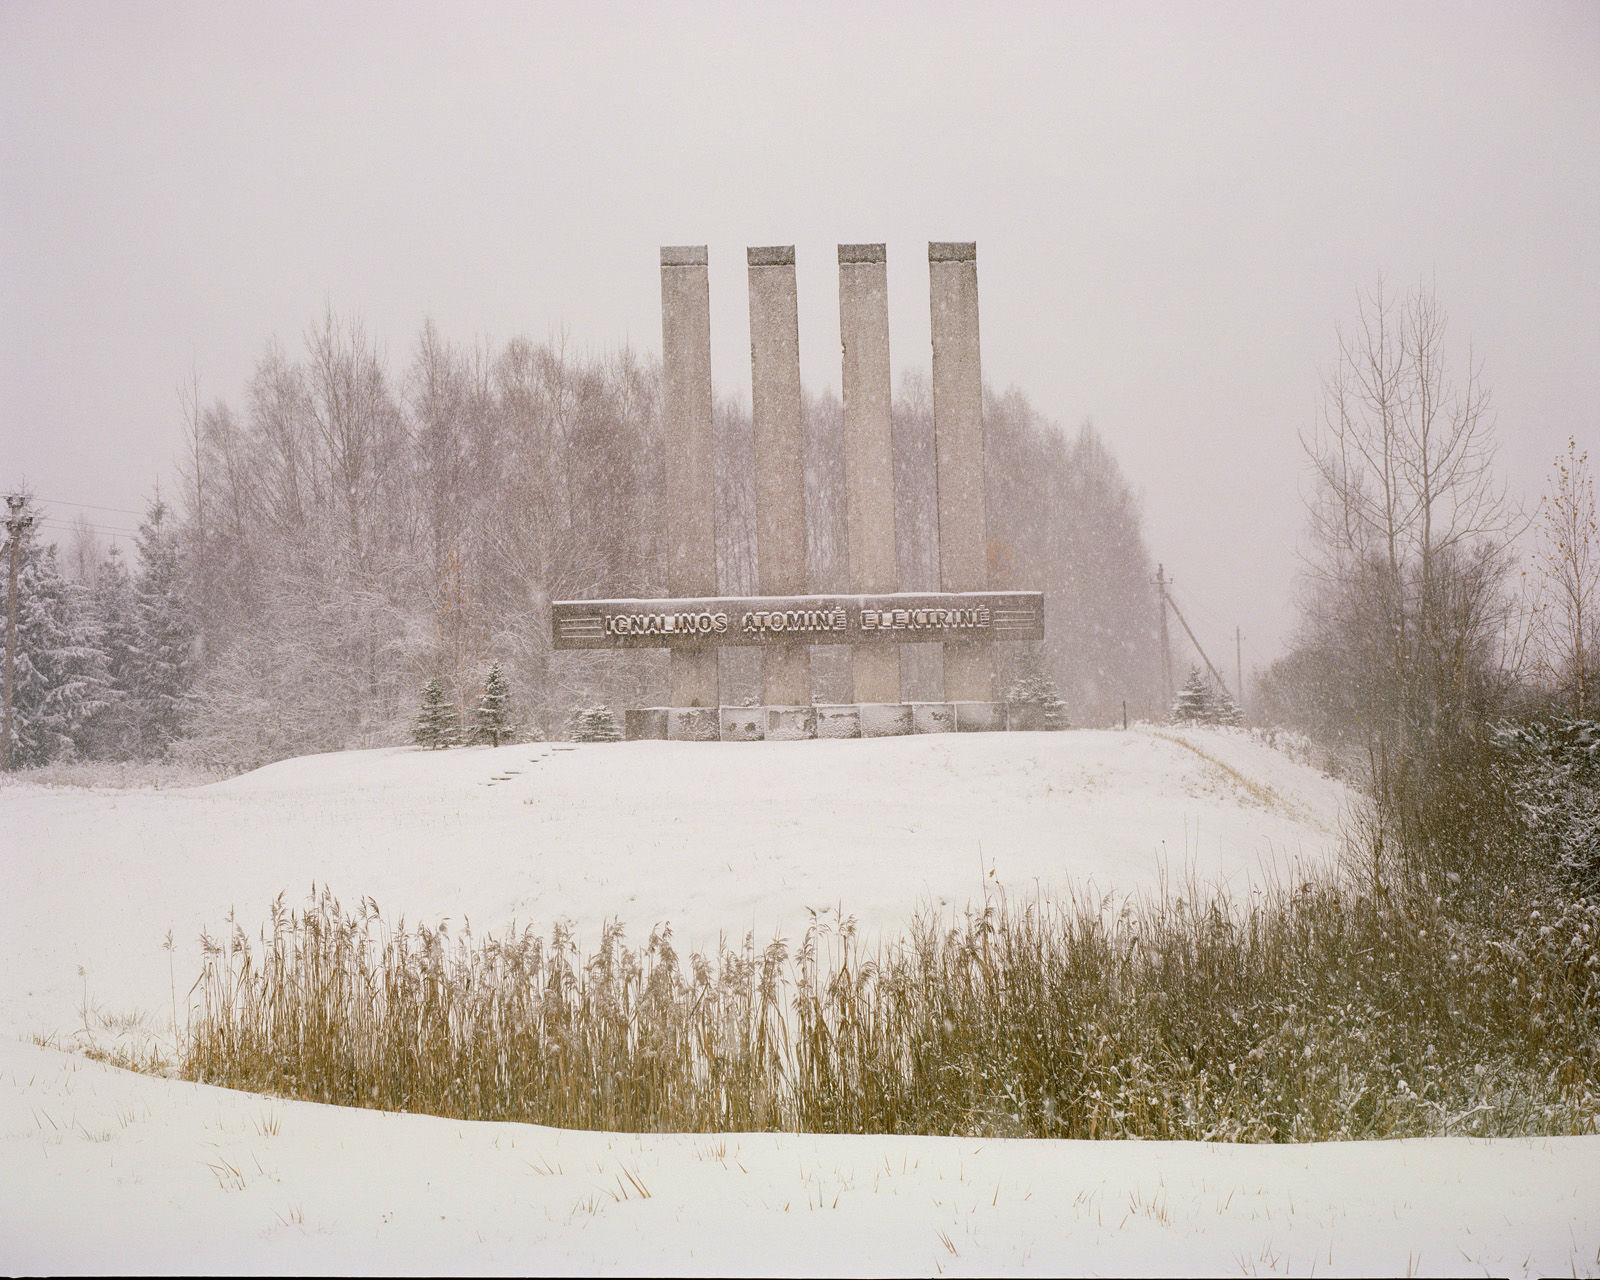 Ignalińska Elektrownia Jądrowa